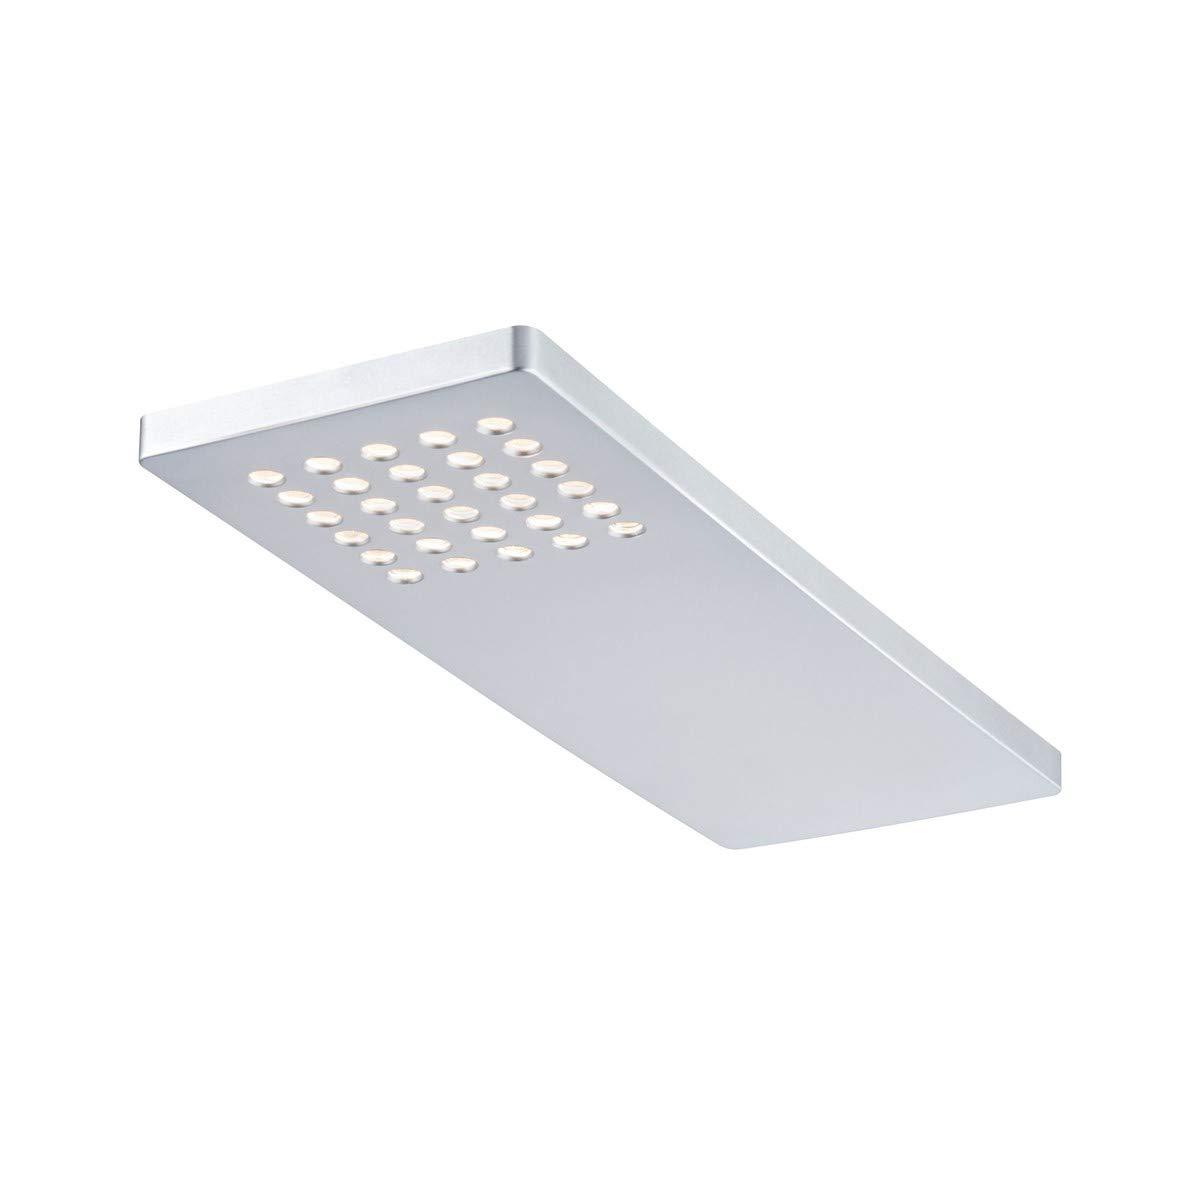 Paulmann Leuchten Paulmann 93563 Möbelaufbauleuchten-Set Pattern Unterbauleuchte LED Chrom matt 3er Komplettset 3x22W 230 12V 12VA Kunststoff inkl. Leuchtmittel Einbauleuchte, 2.2 W